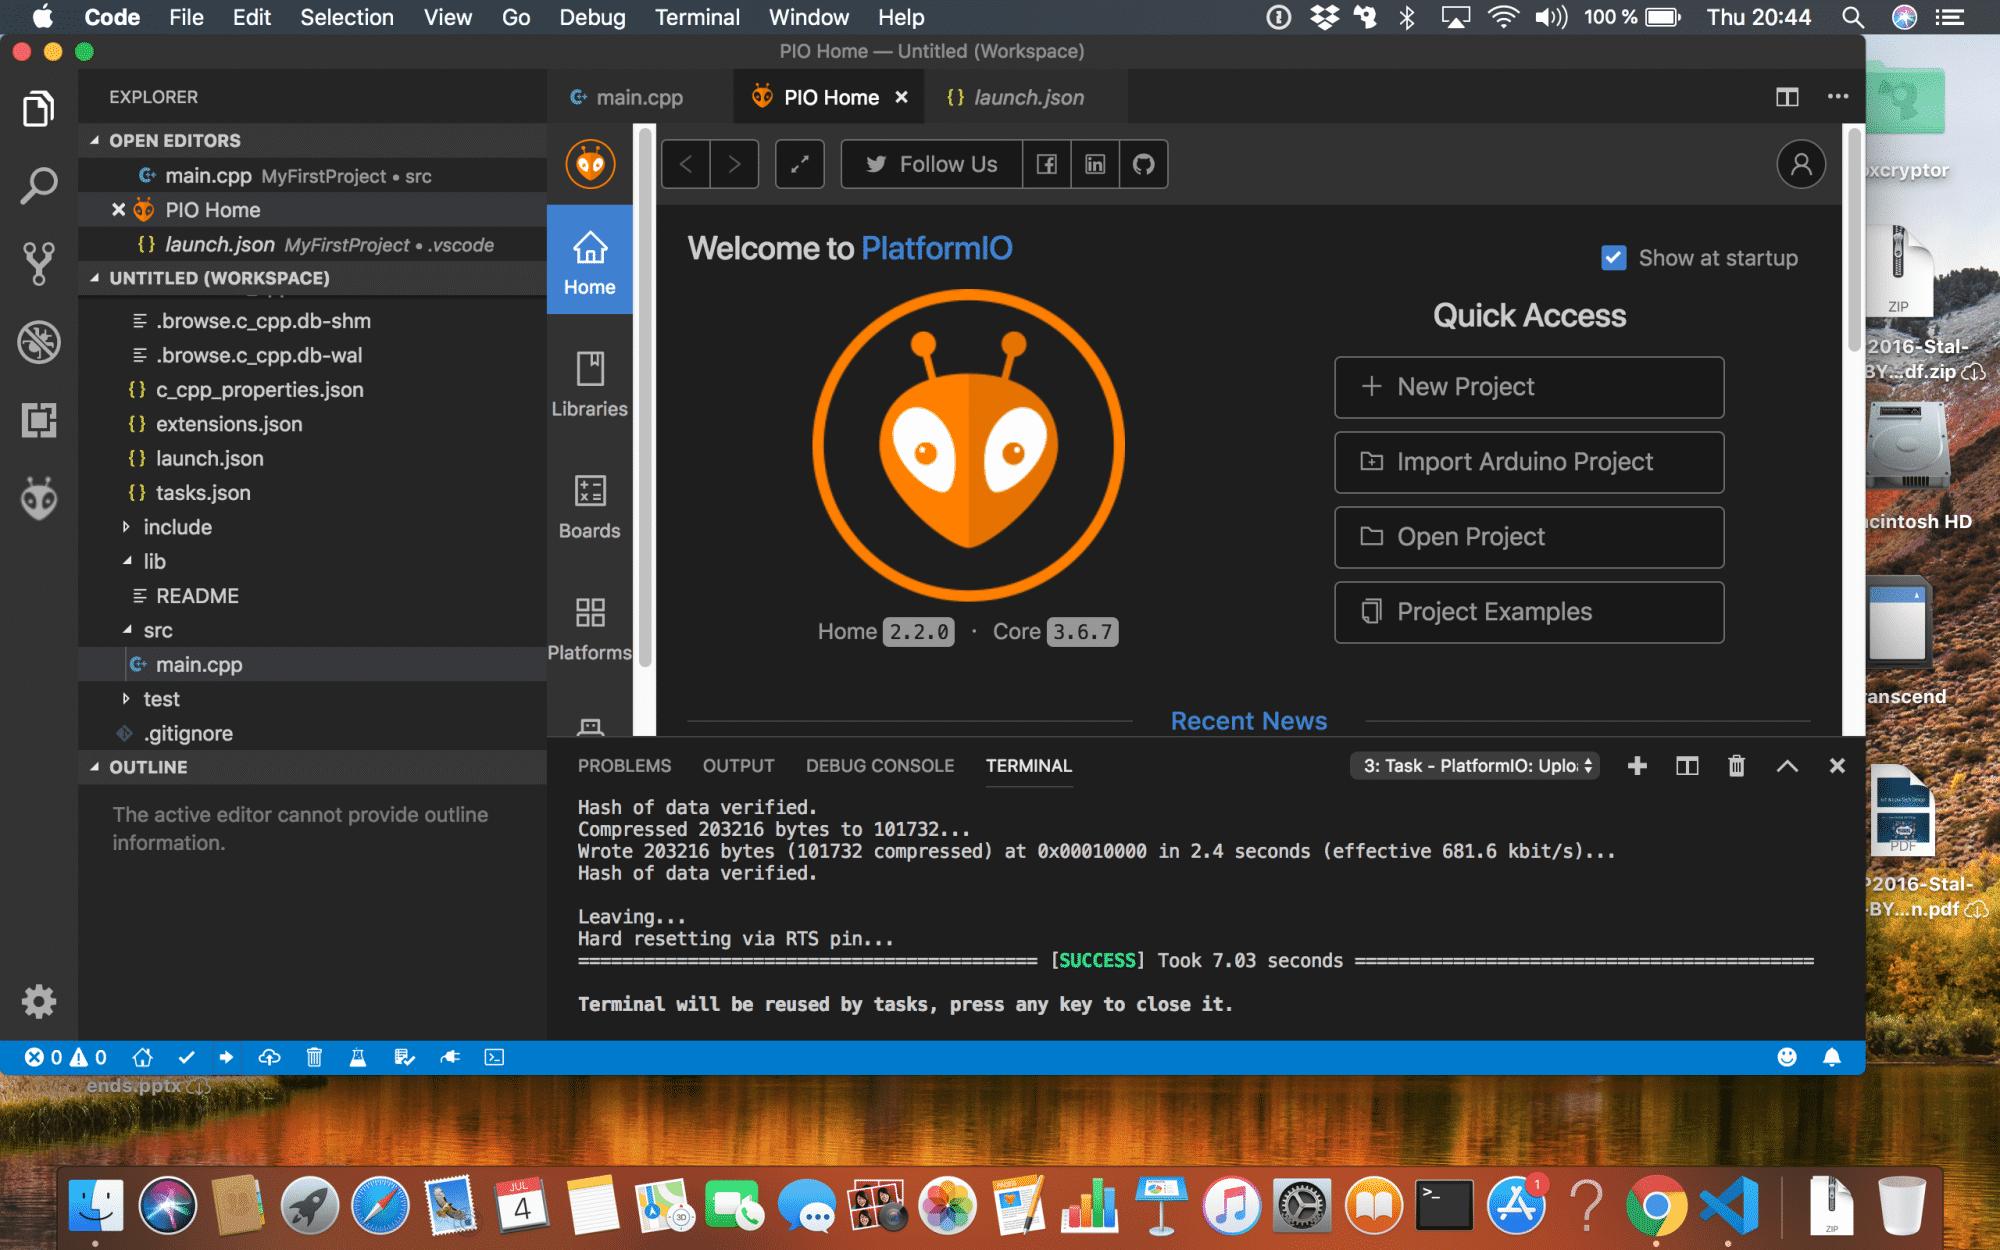 Der Wizard von PlatformIO erzeugt einen Projektordner, darunter auch das Unterverzeichnis src mit dem Hauptprogramm main.cpp